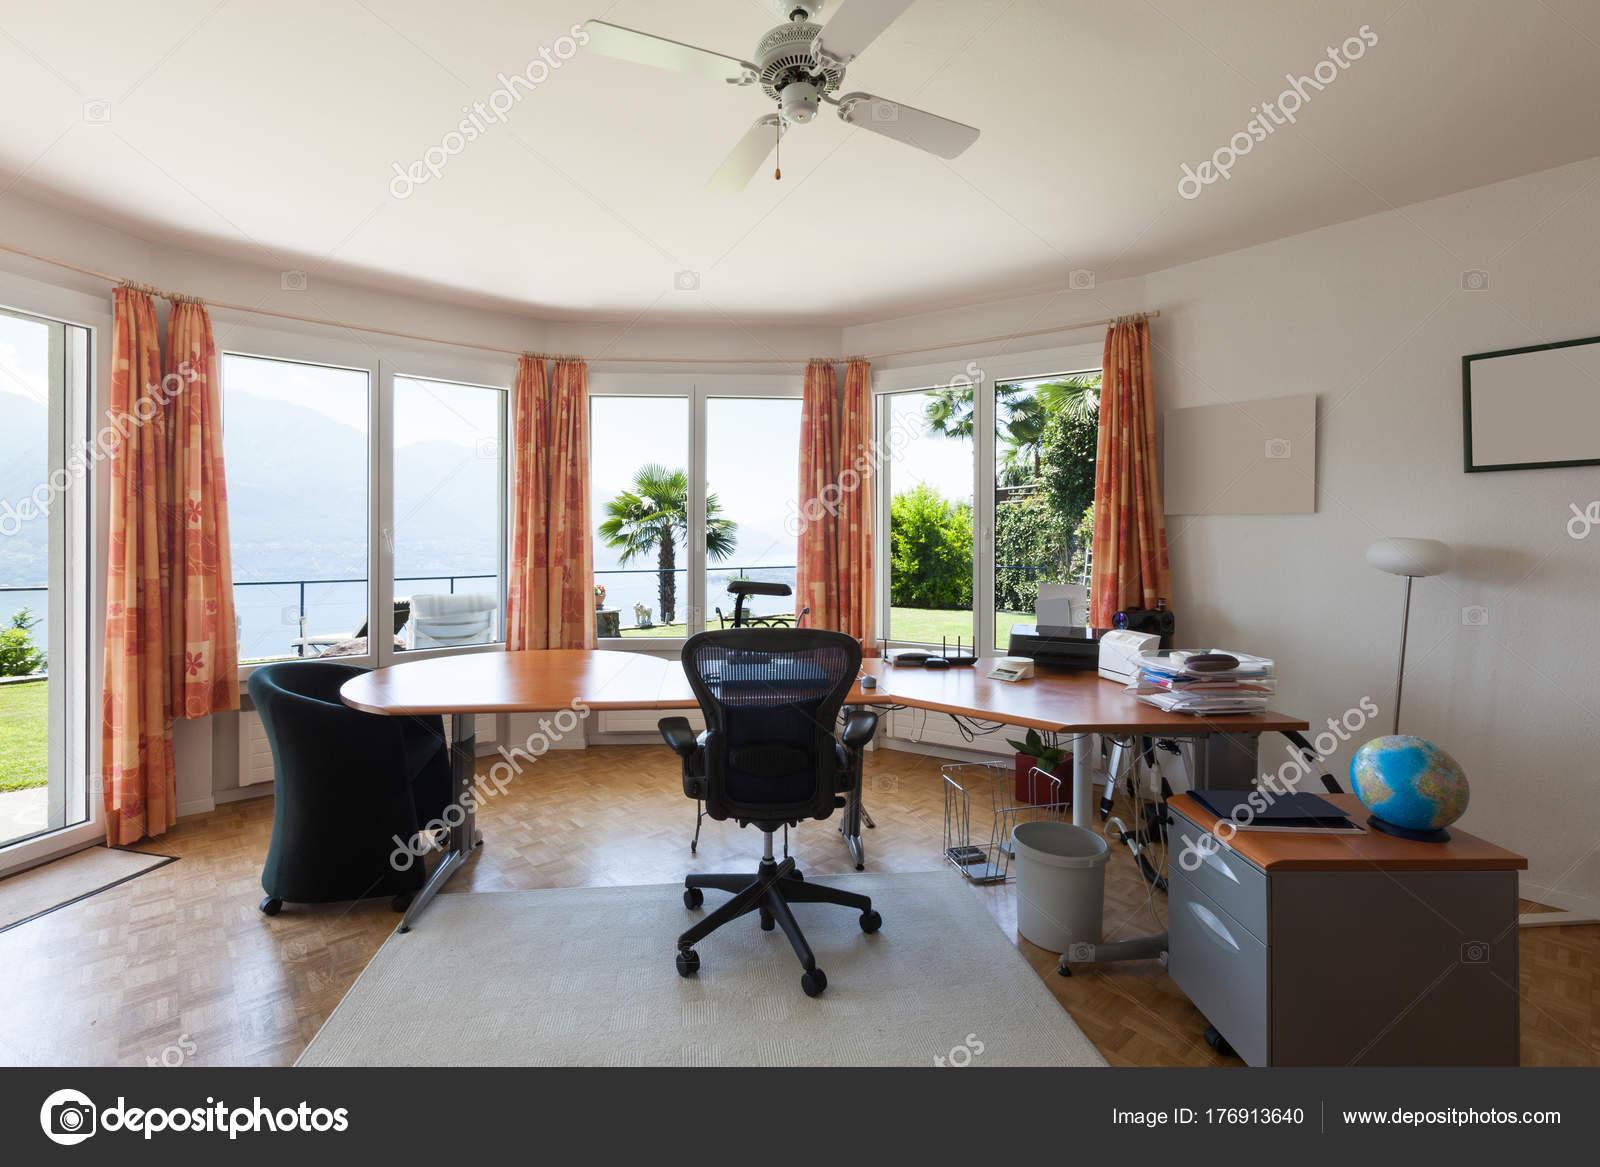 Ufficio In Una Casa : Interno di una casa ufficio u foto stock zveiger